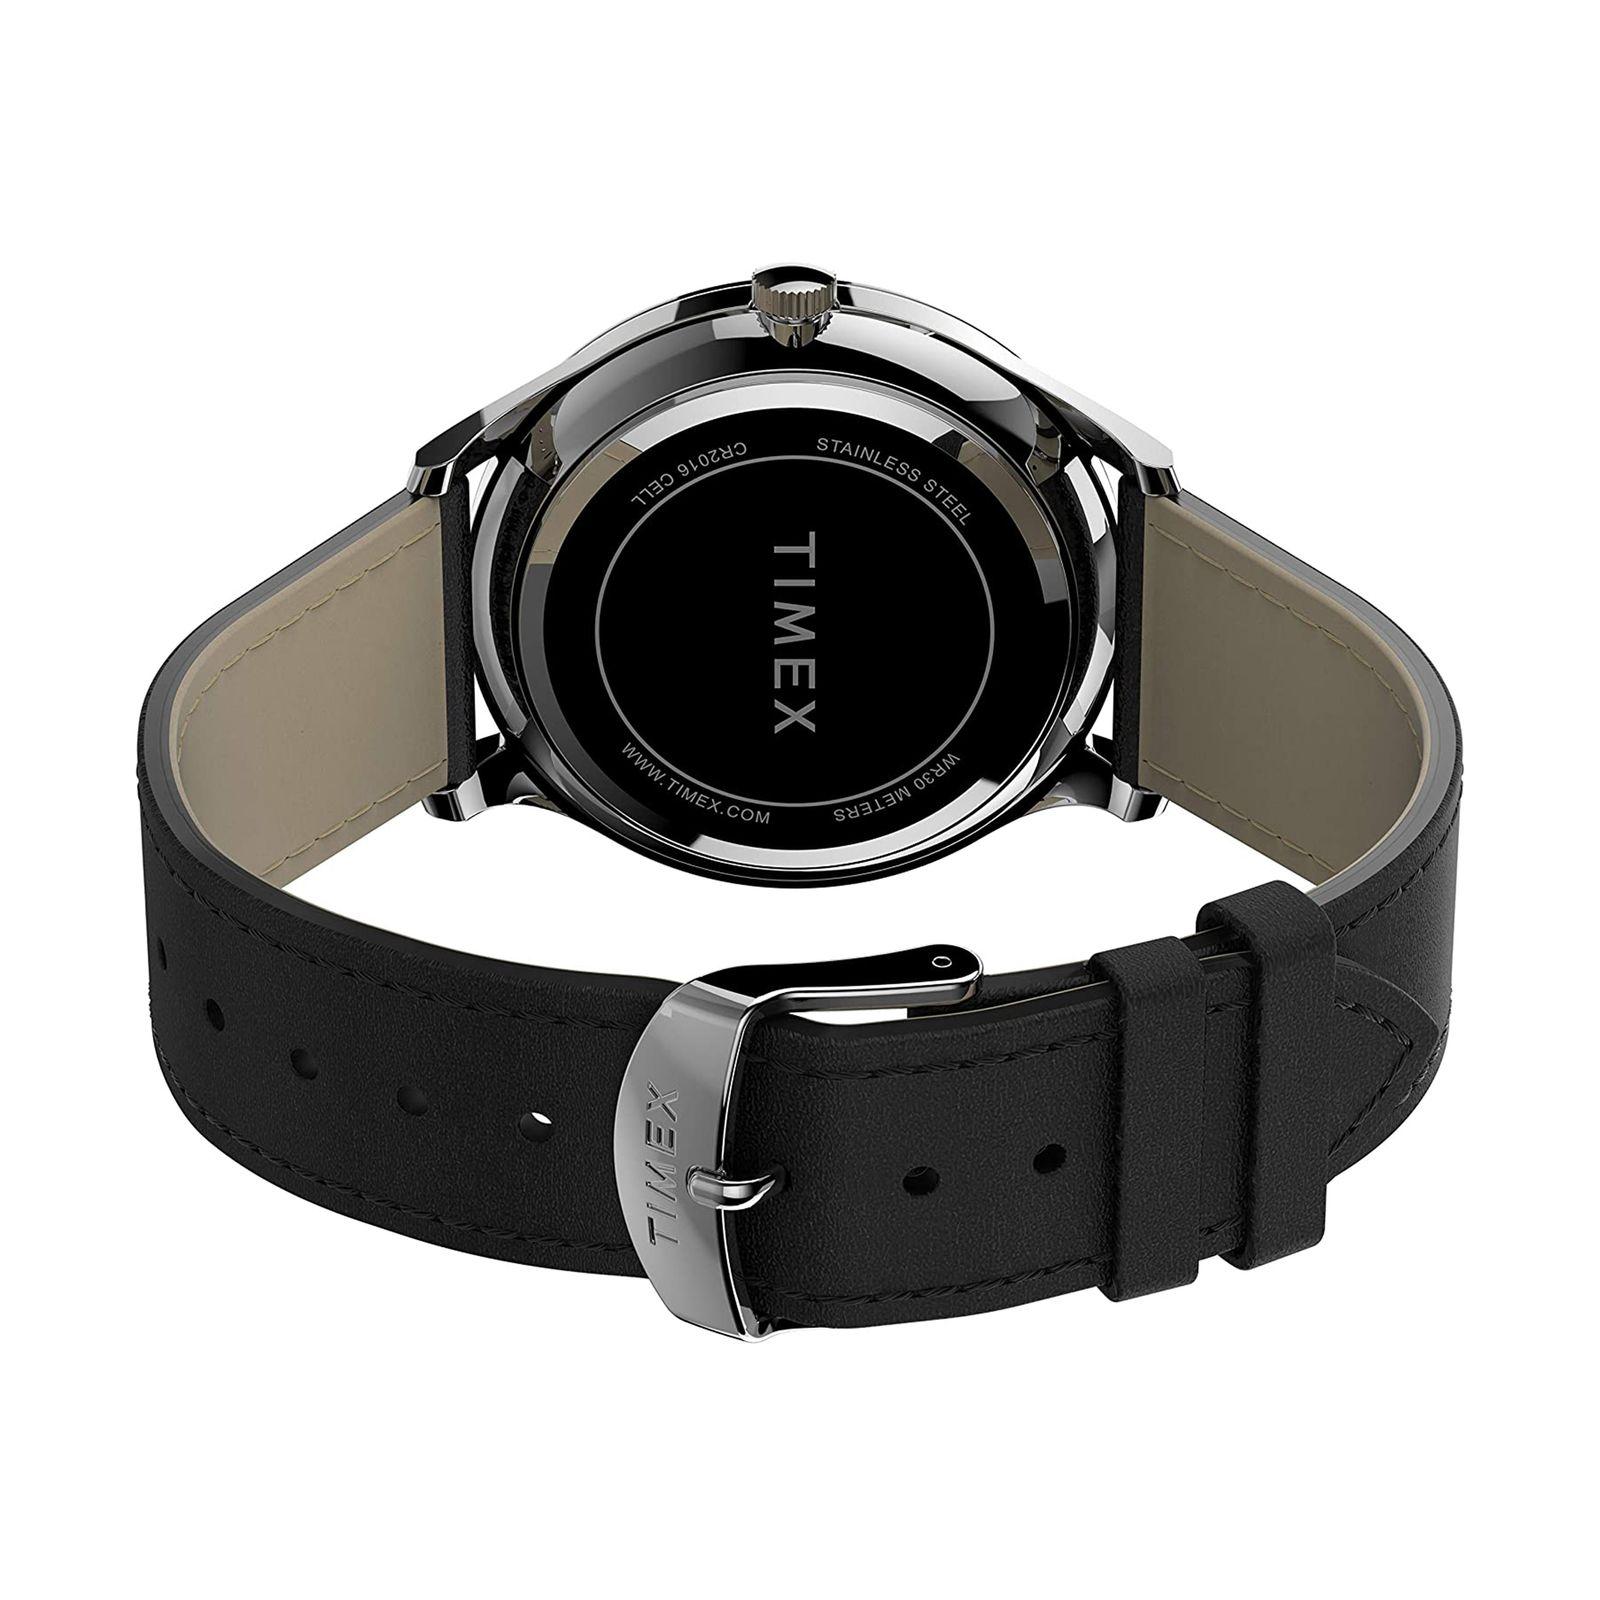 ساعت مچی عقربه ای مردانه تایمکس مدل TW2T71800 -  - 2